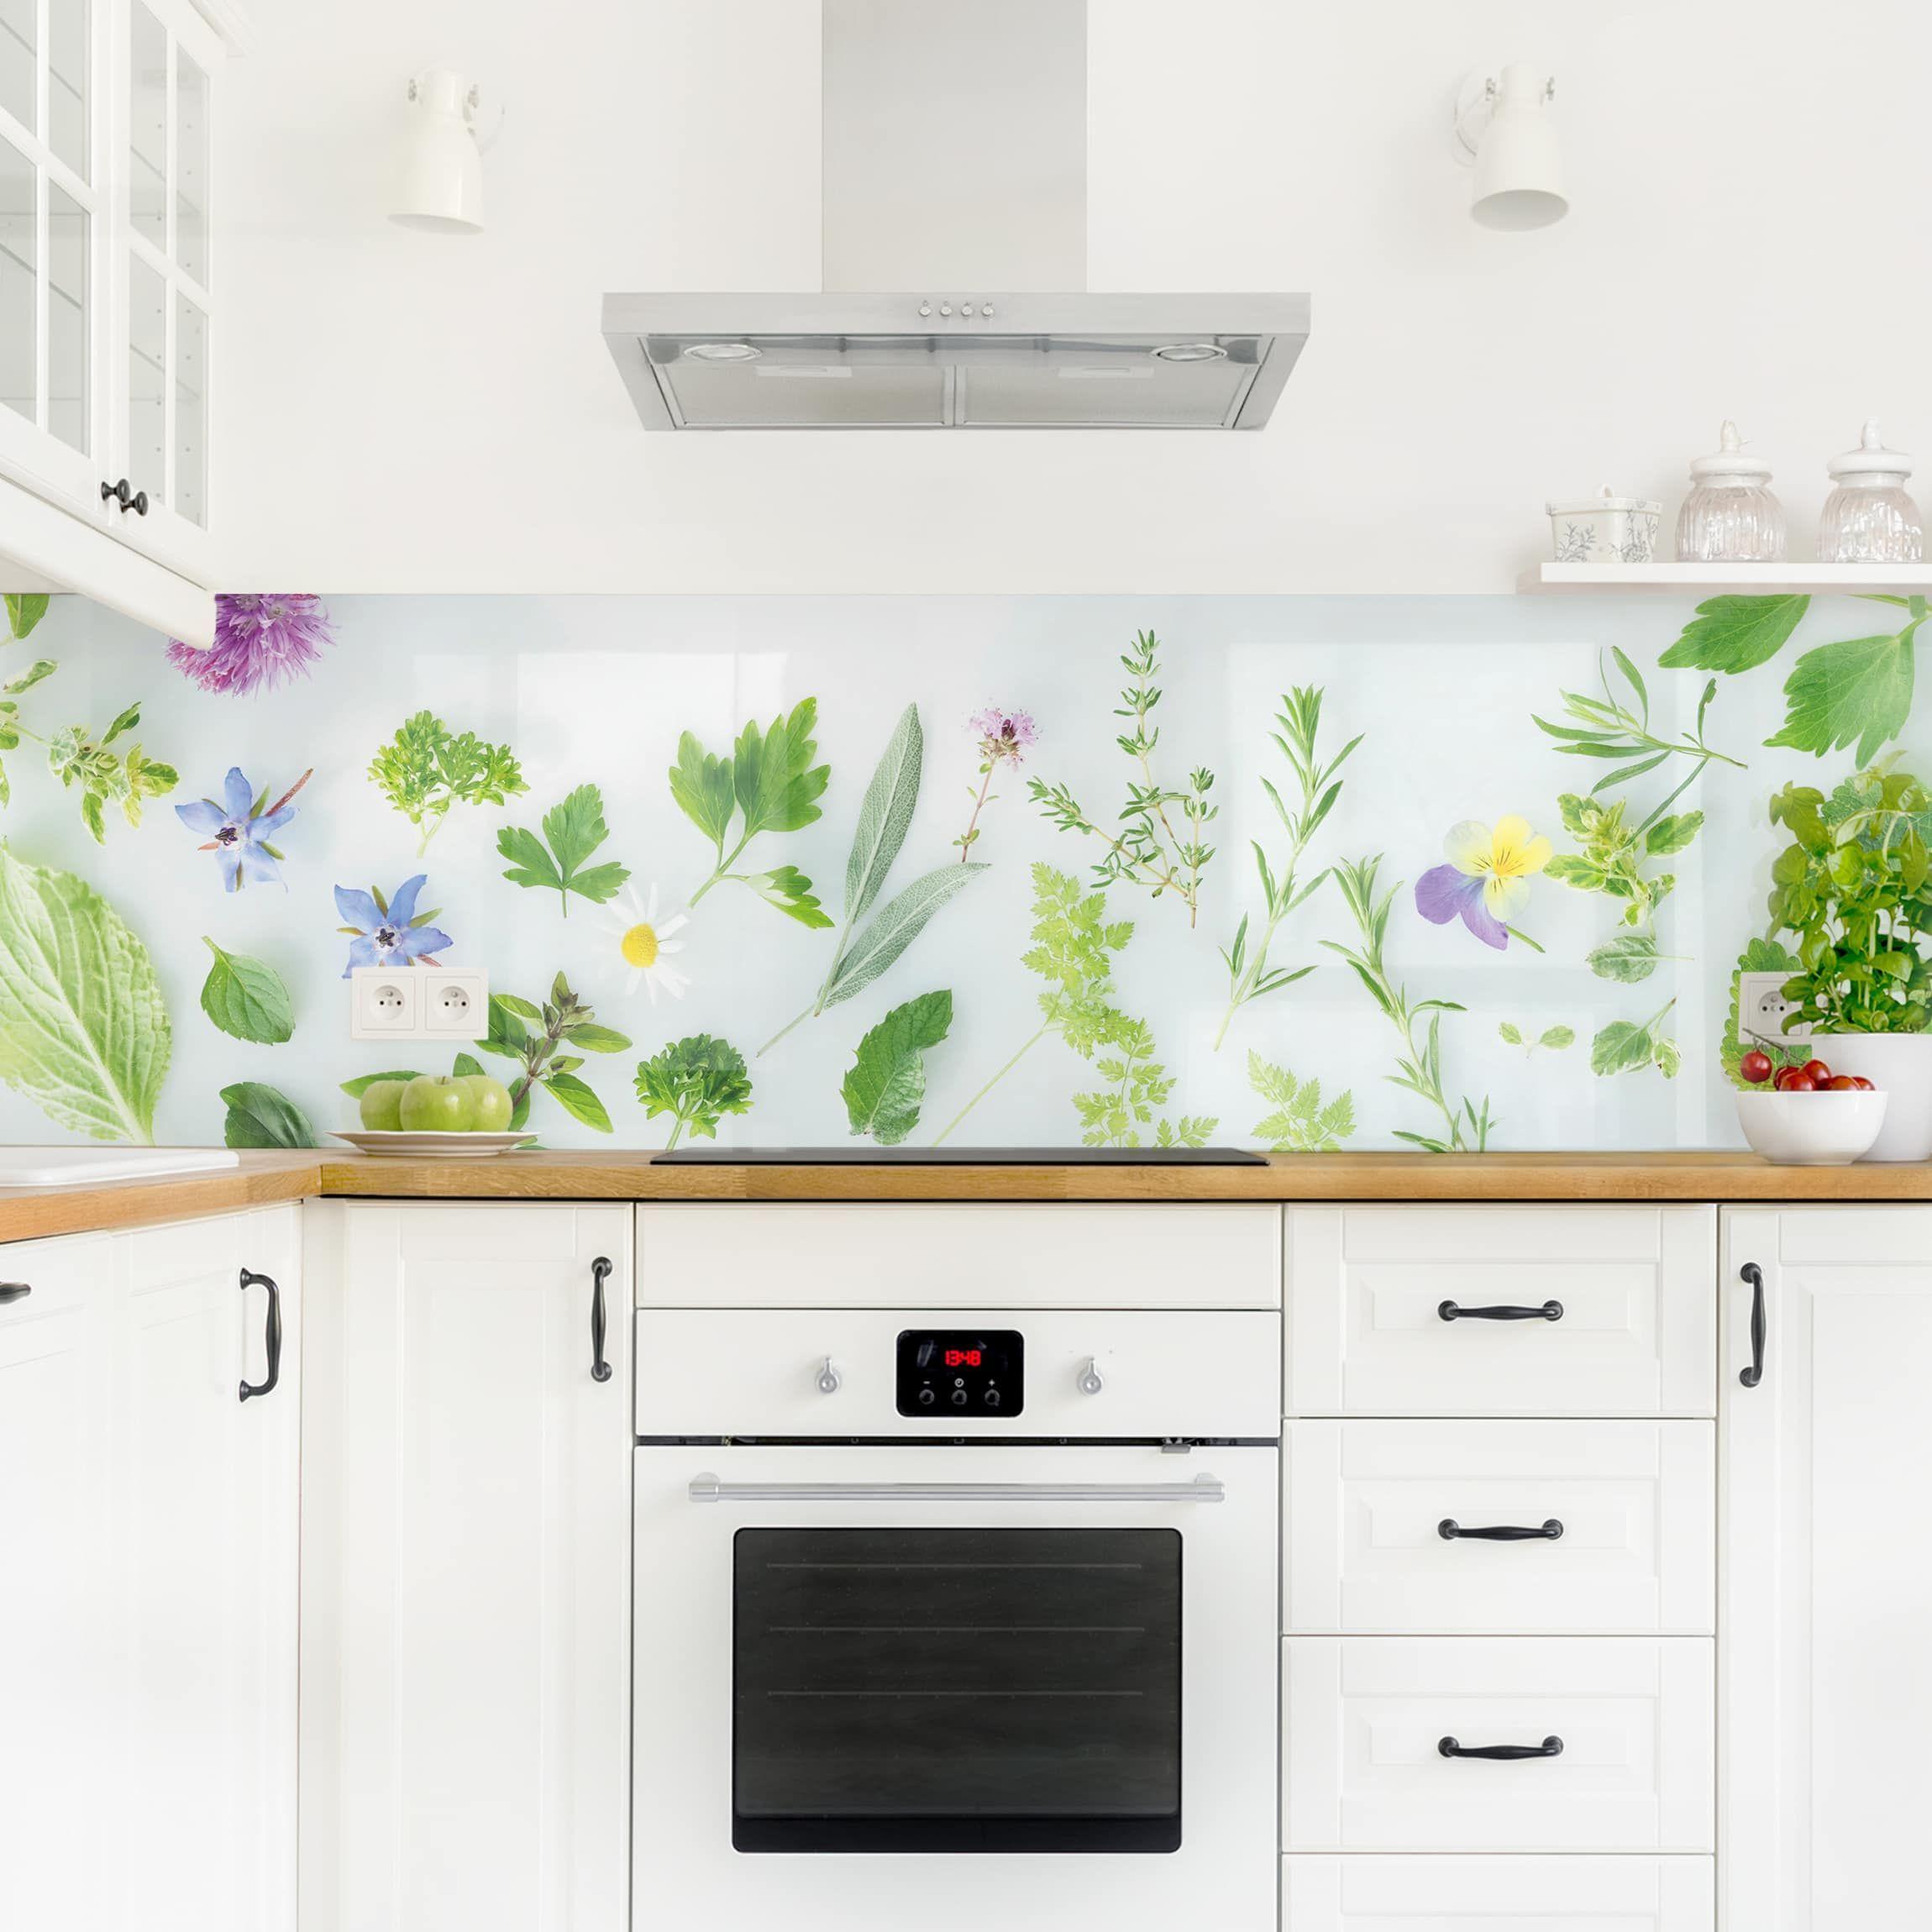 Full Size of Küchen Glasbilder Kchenrckwand Kruter Und Blten Ii Kchenwand Bad Küche Regal Wohnzimmer Küchen Glasbilder